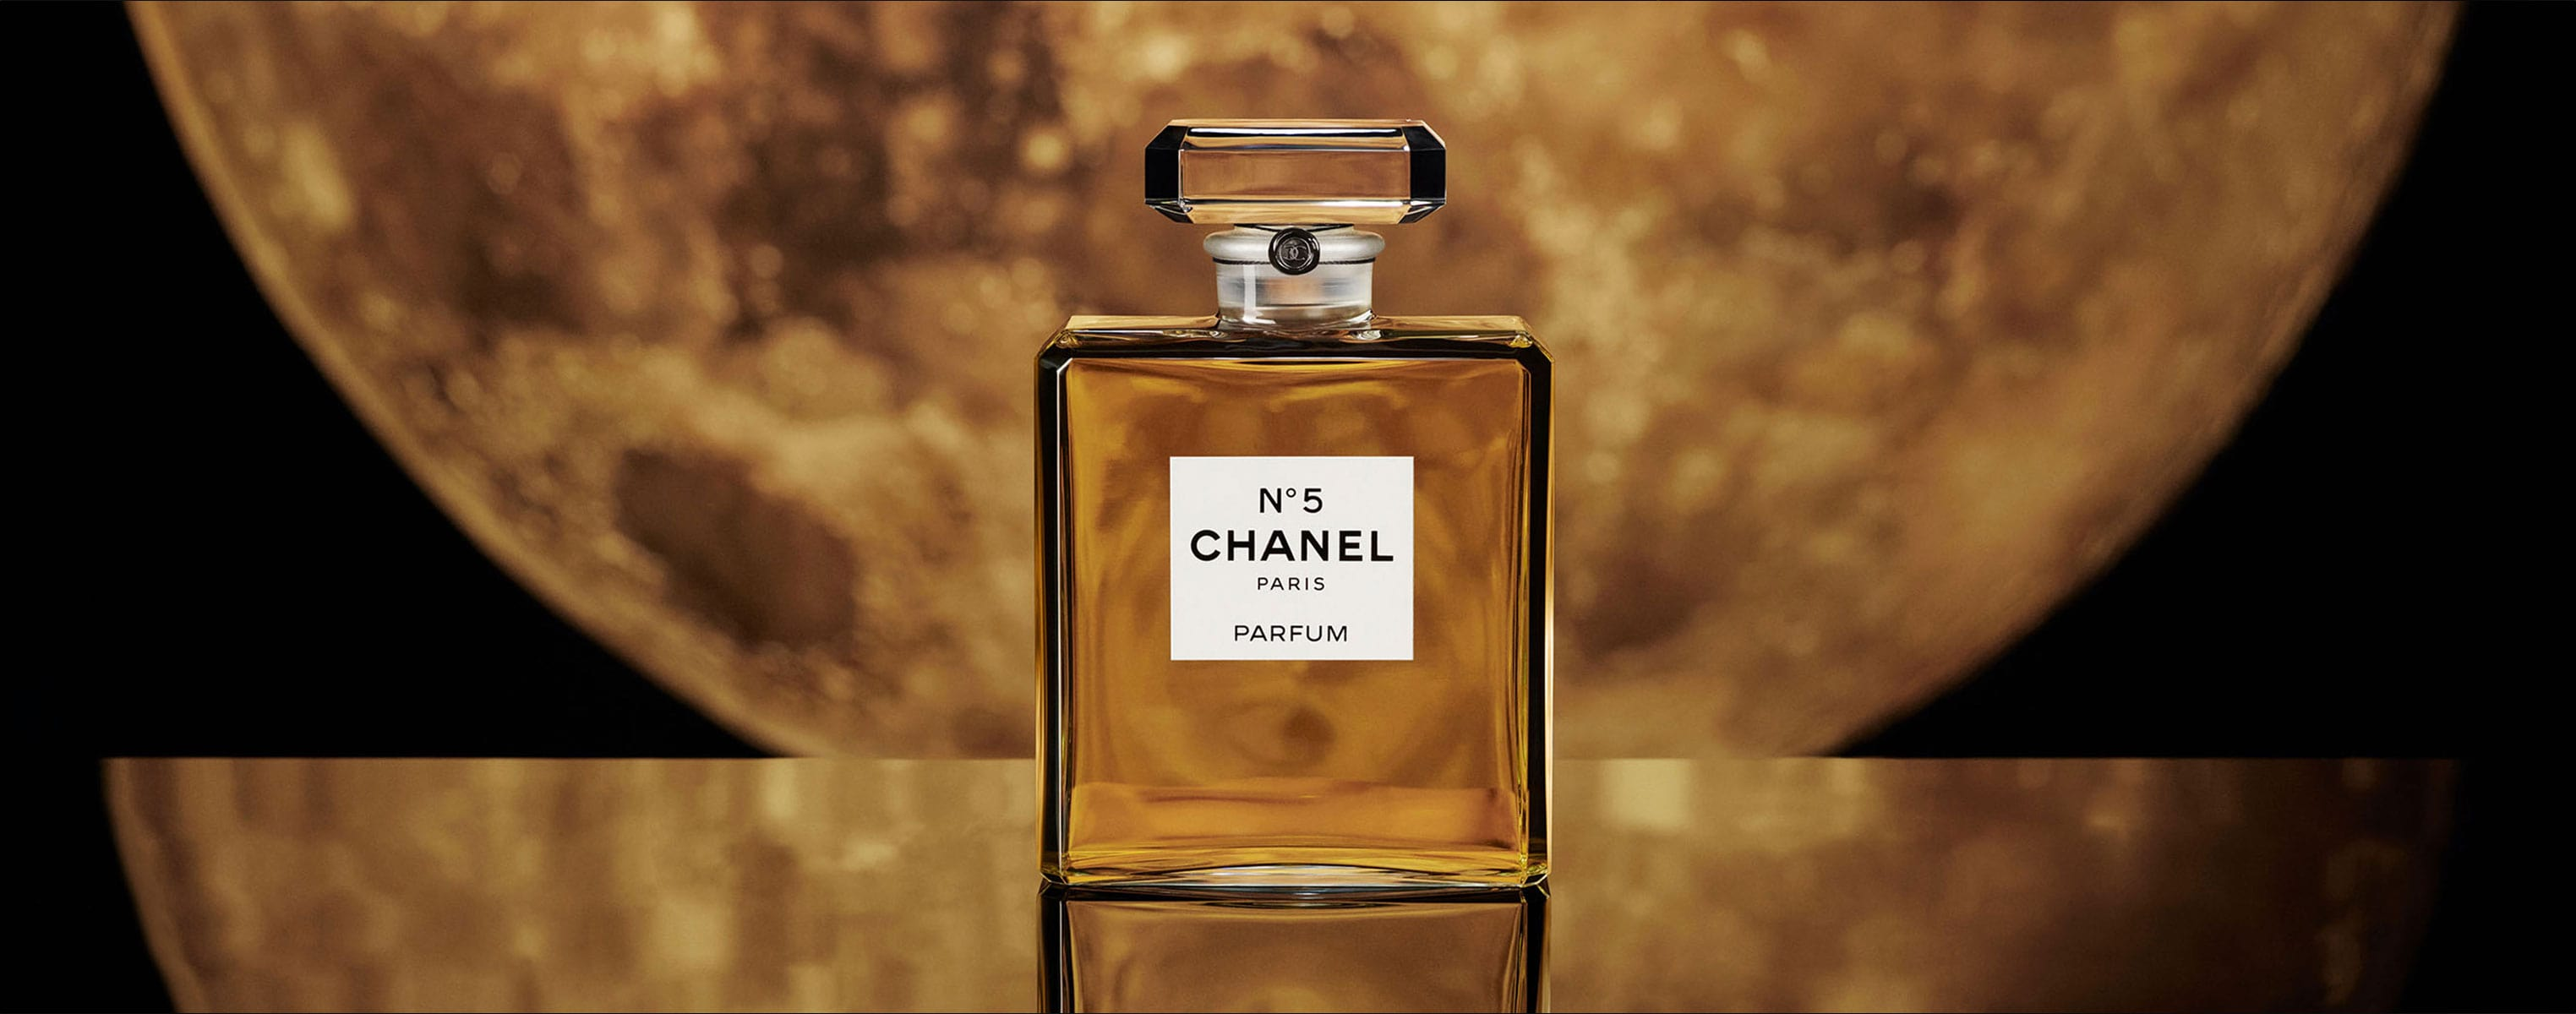 Chanel Nº 5 último anuncio publicitario.